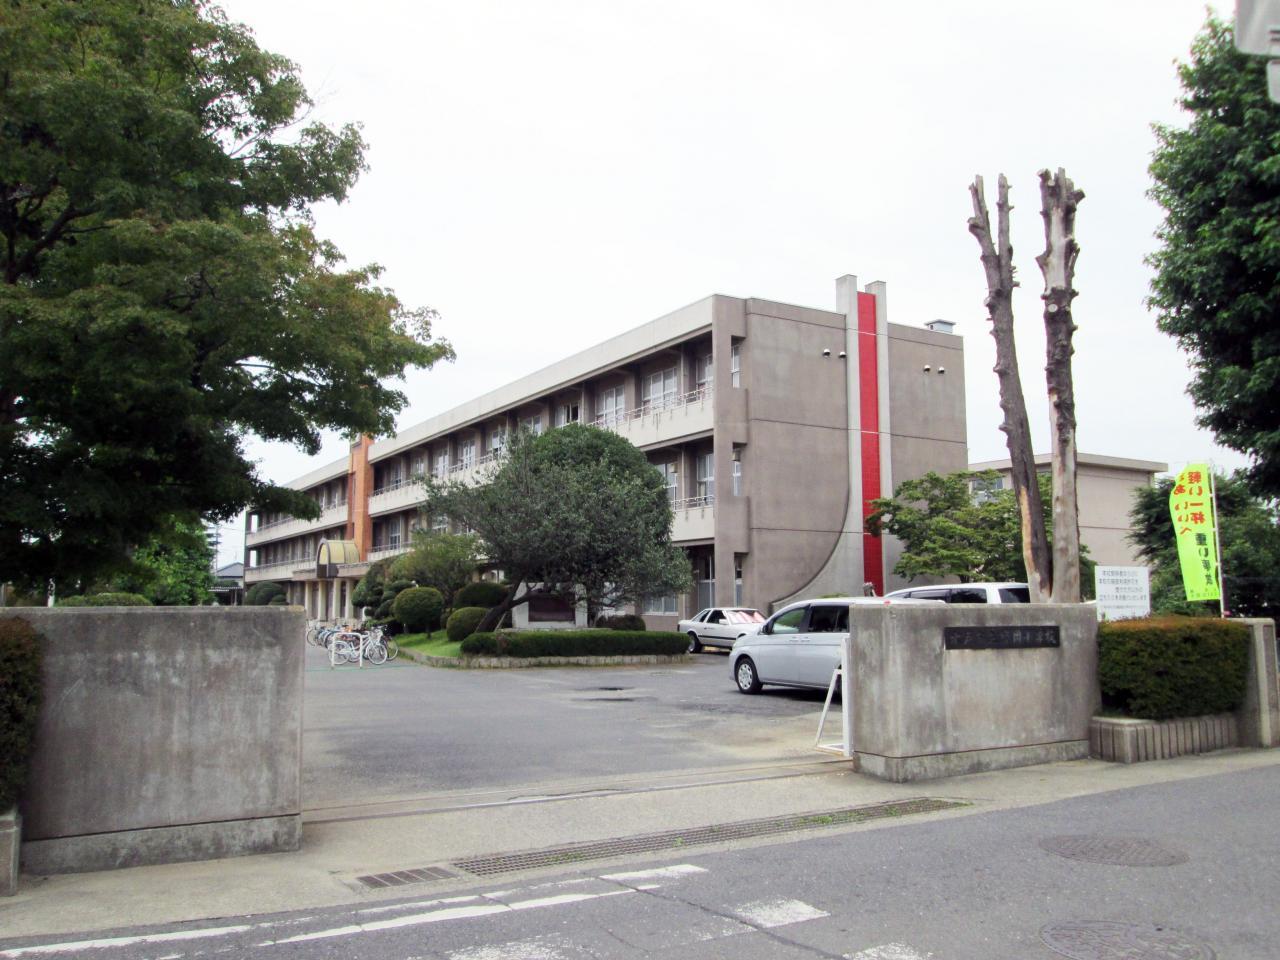 土地 茨城県水戸市千波町 JR常磐線(取手~いわき)水戸駅 1180万円